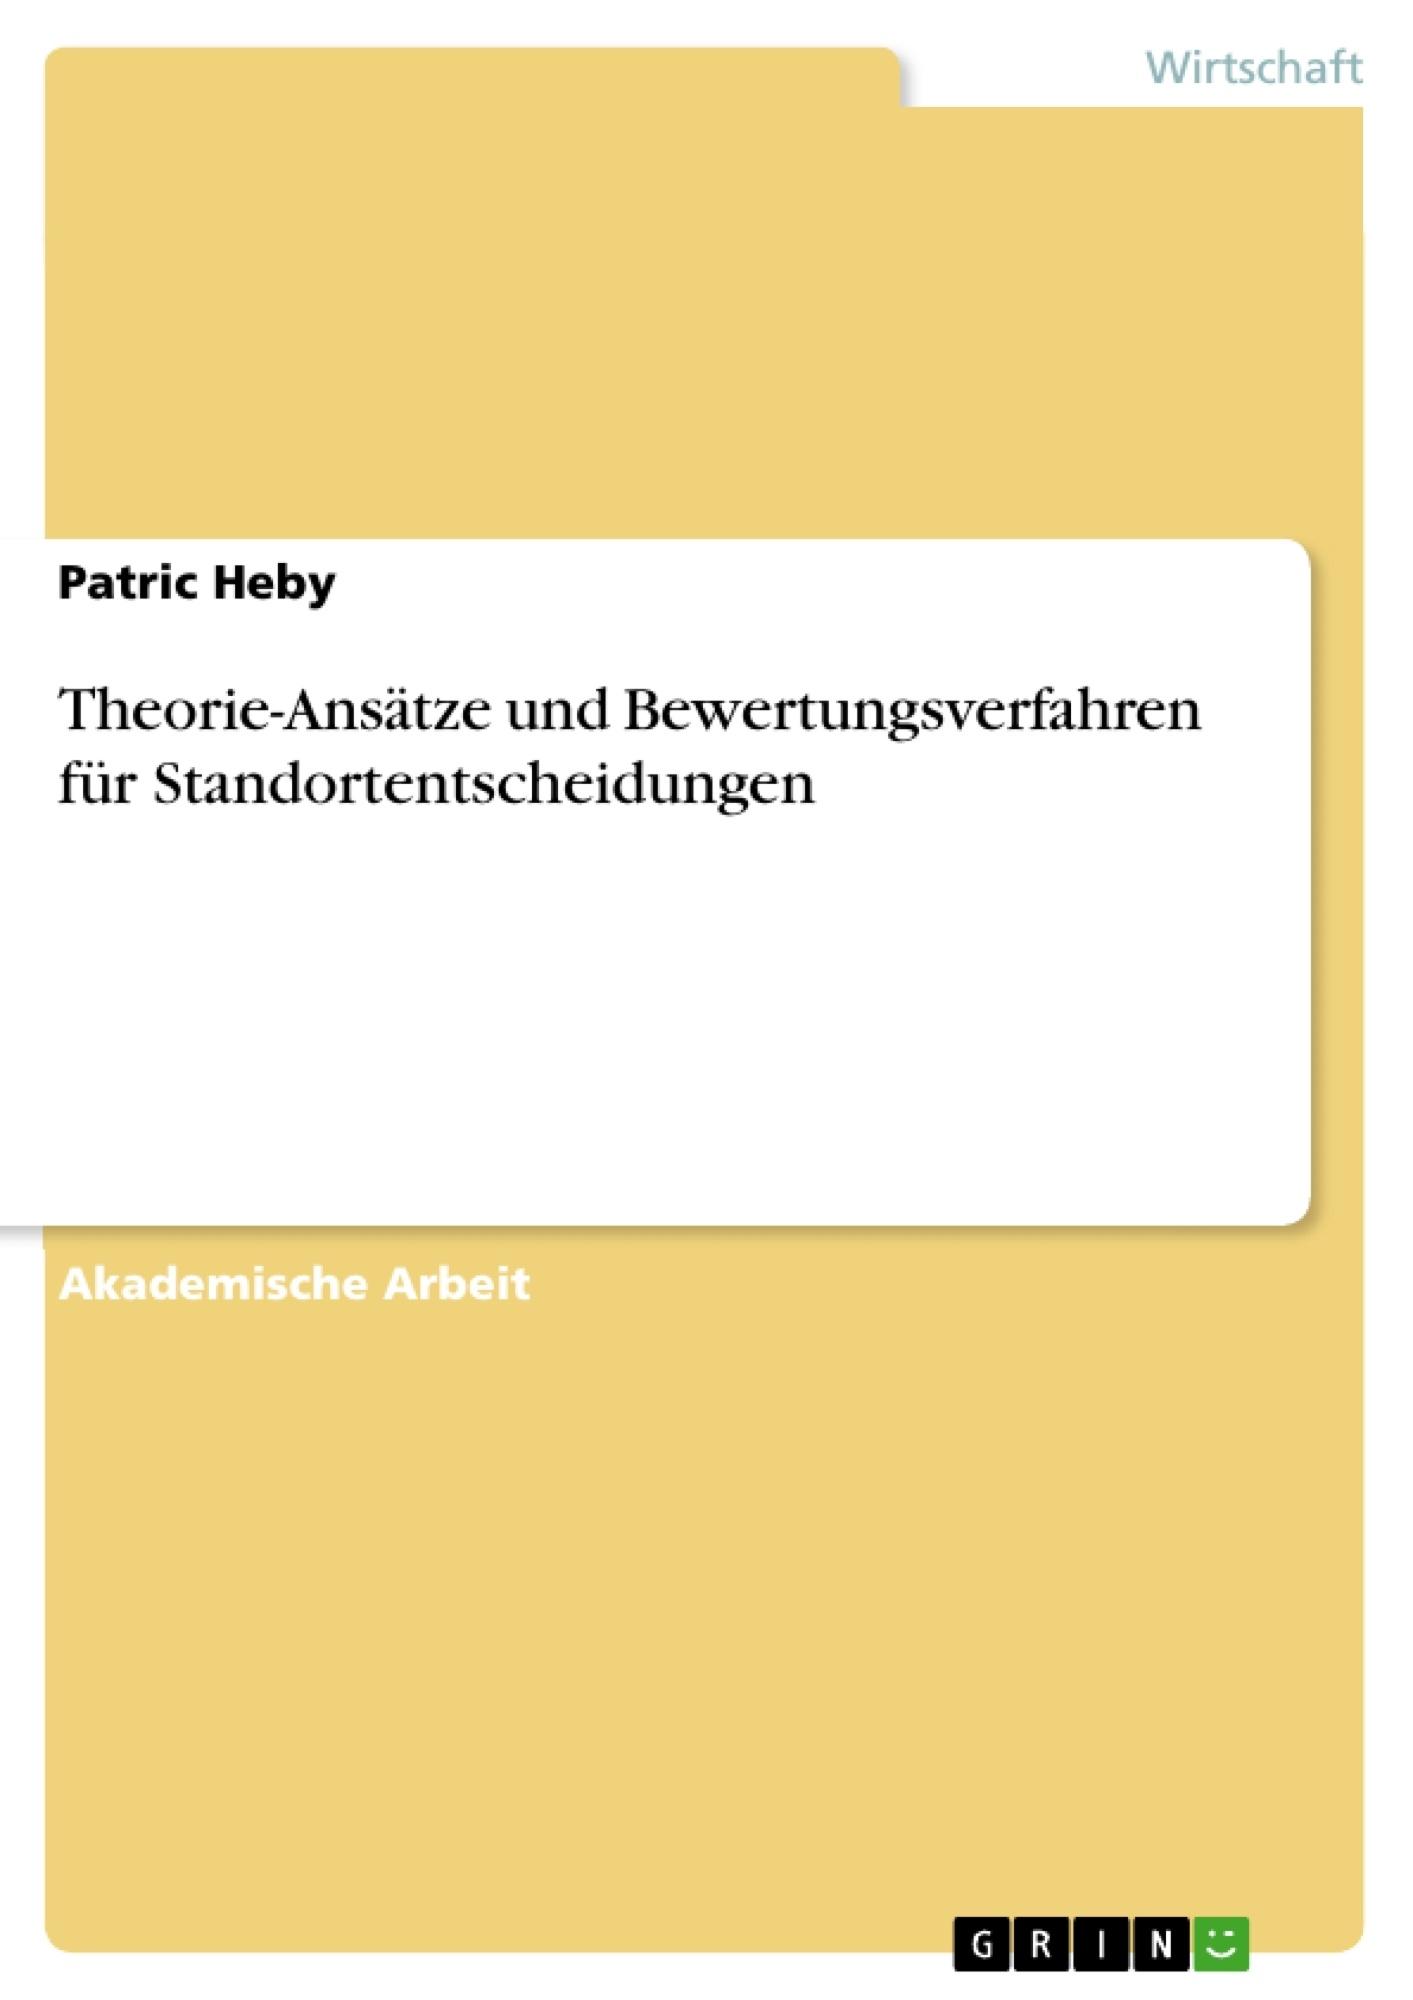 Titel: Theorie-Ansätze und Bewertungsverfahren für Standortentscheidungen